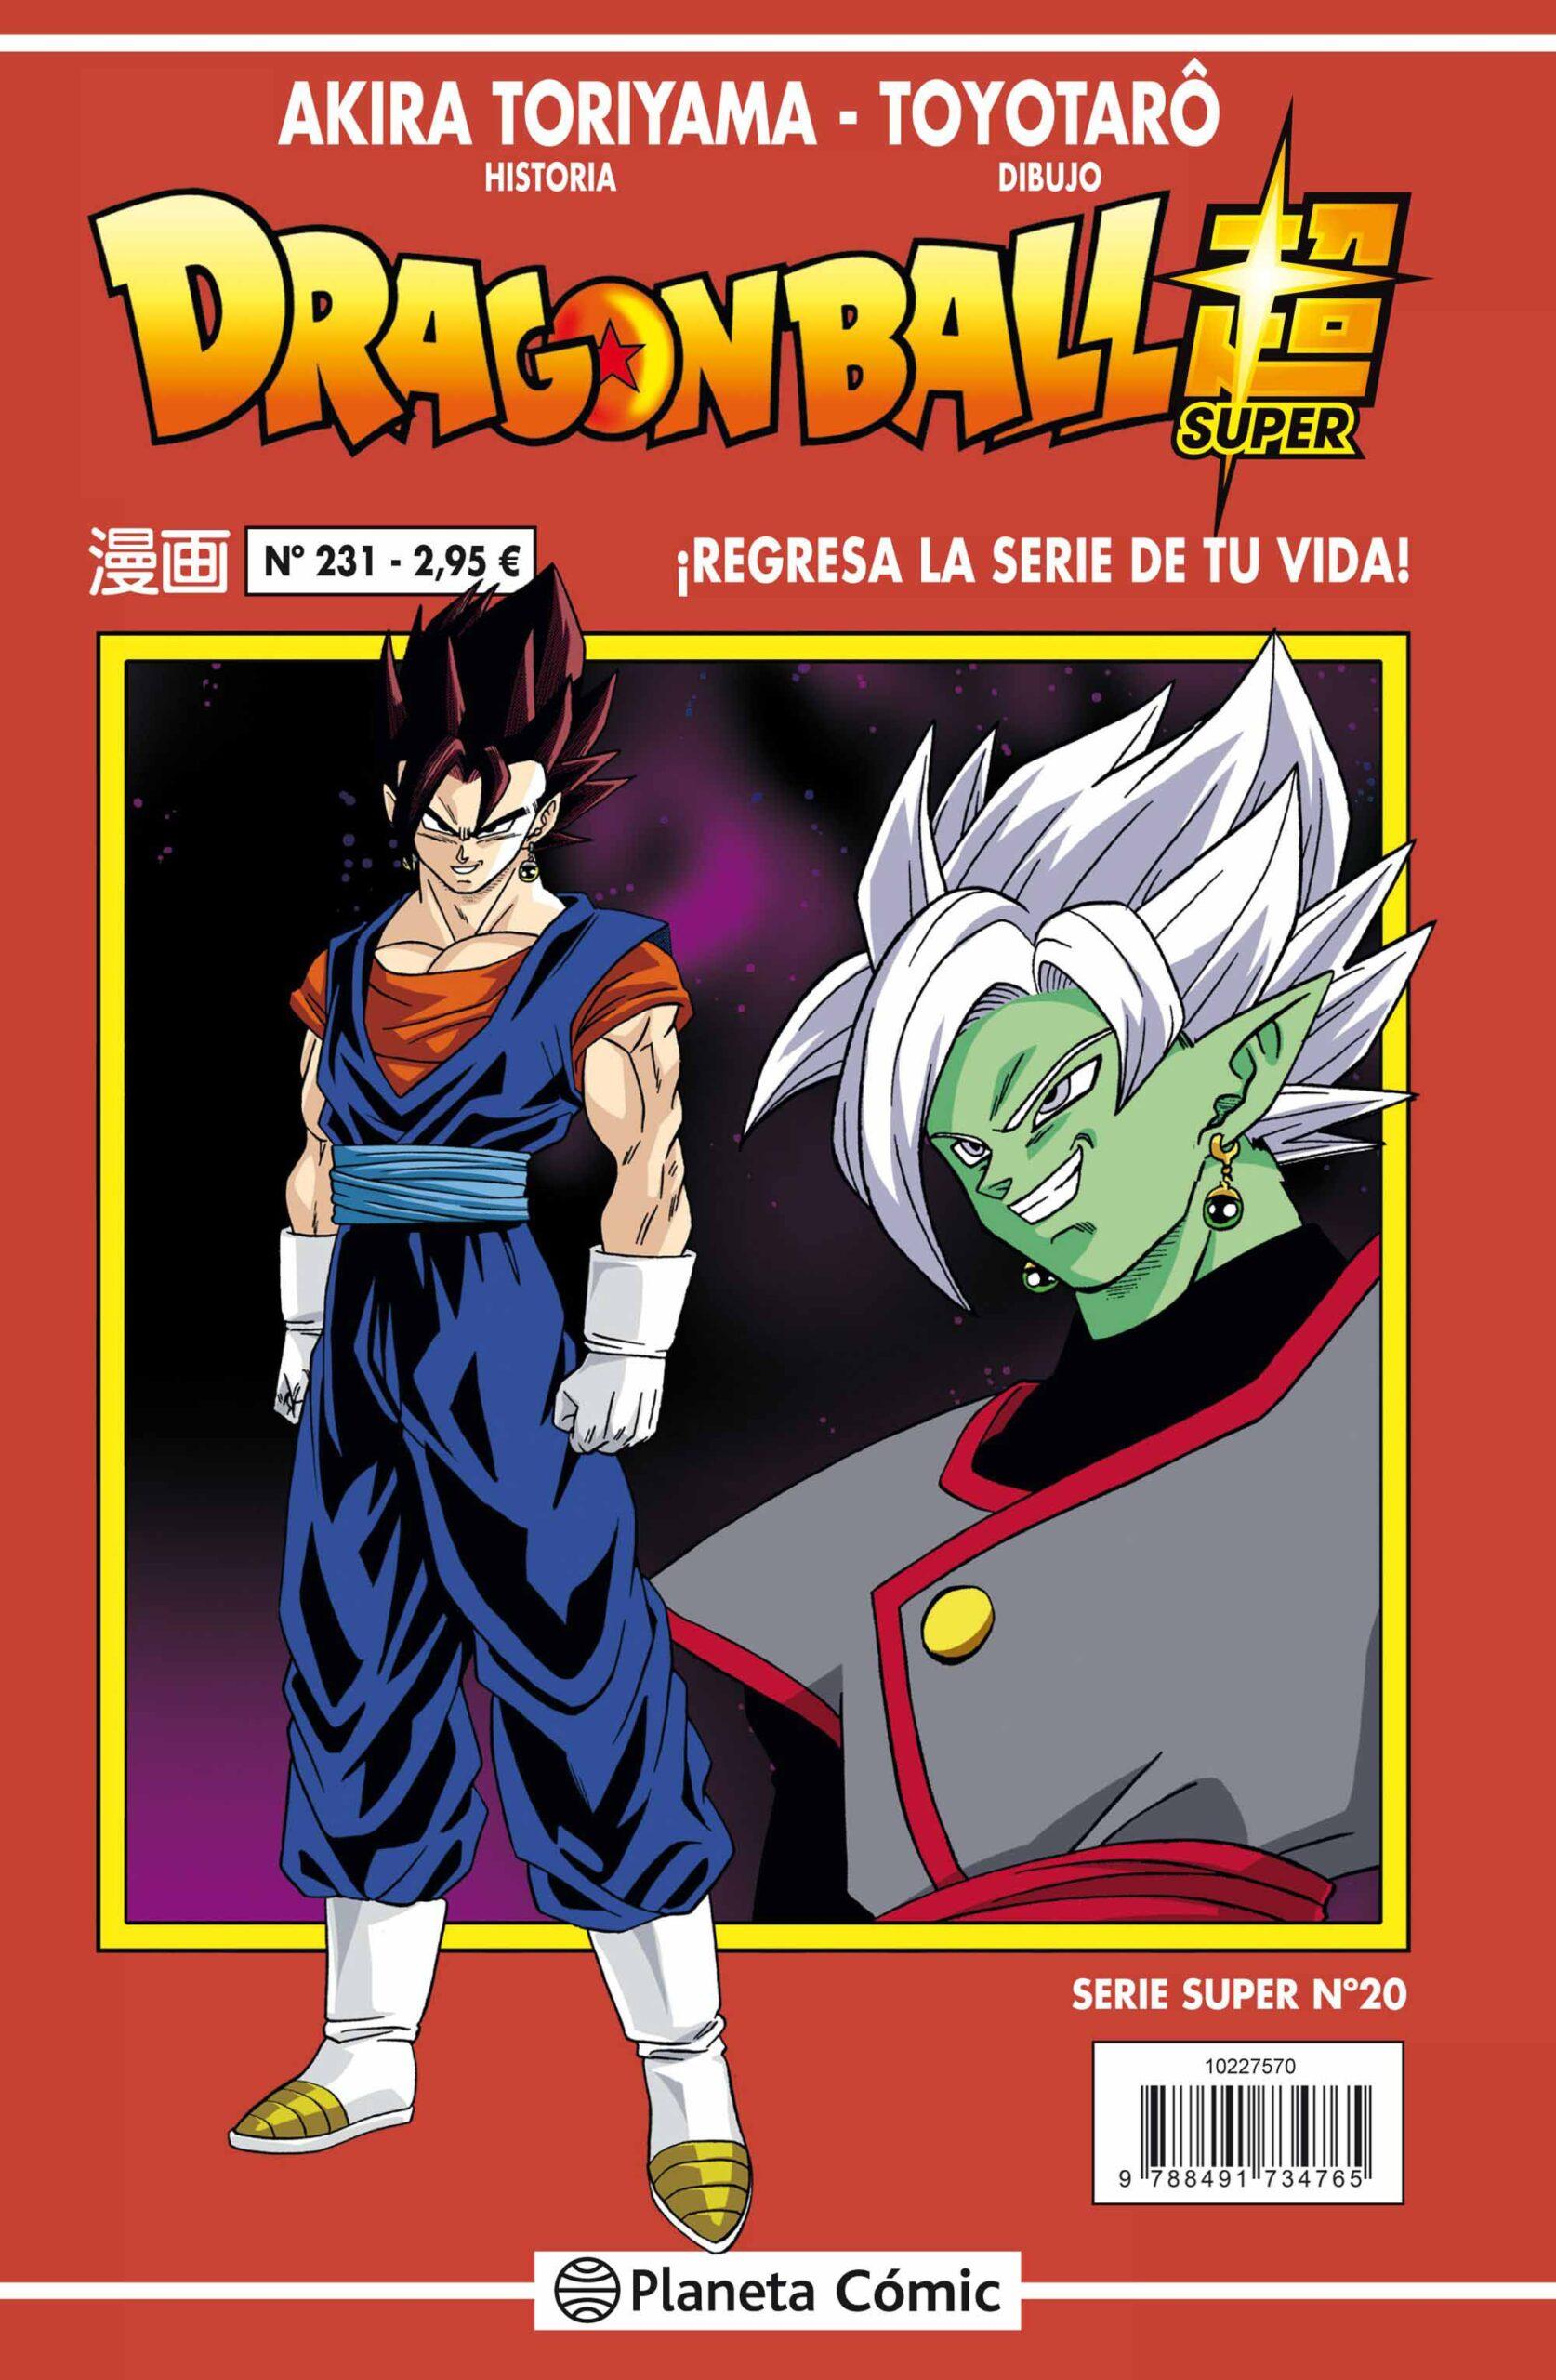 'Dragon Ball Super' nº 20 / nº 231 Serie Roja. Reseña del manga